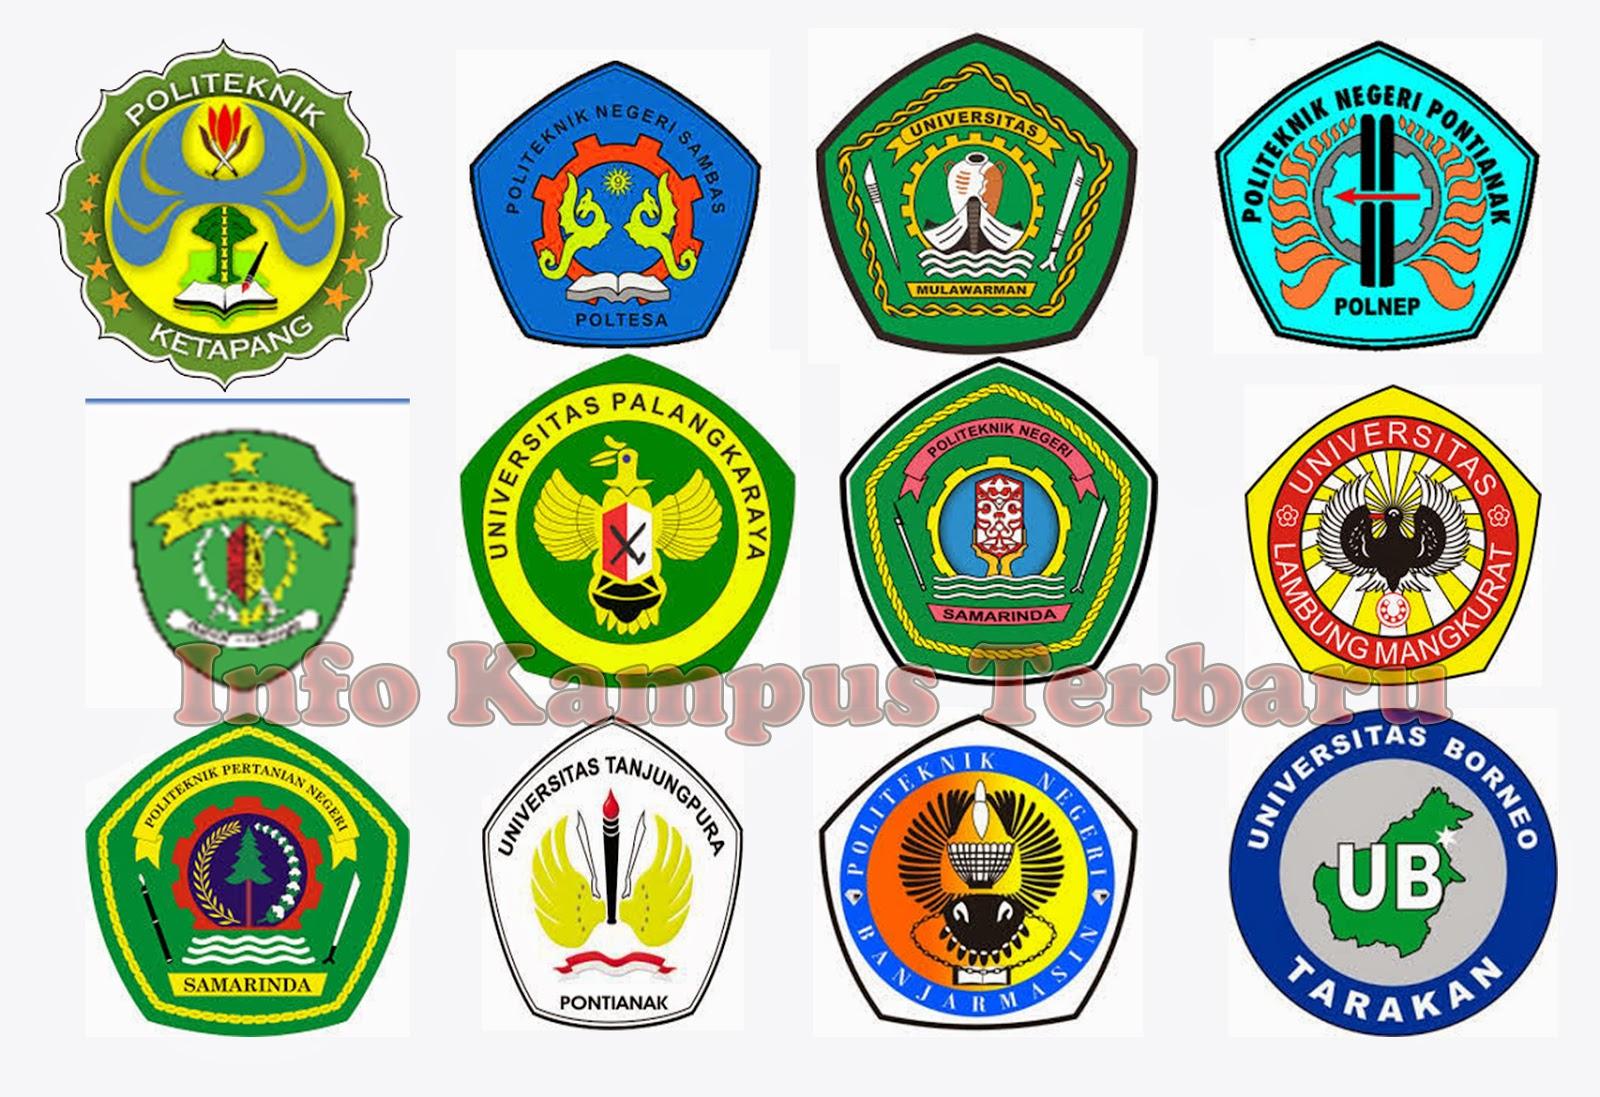 Daftar Perguruan Tinggi Negeri di Pulau Kalimantan